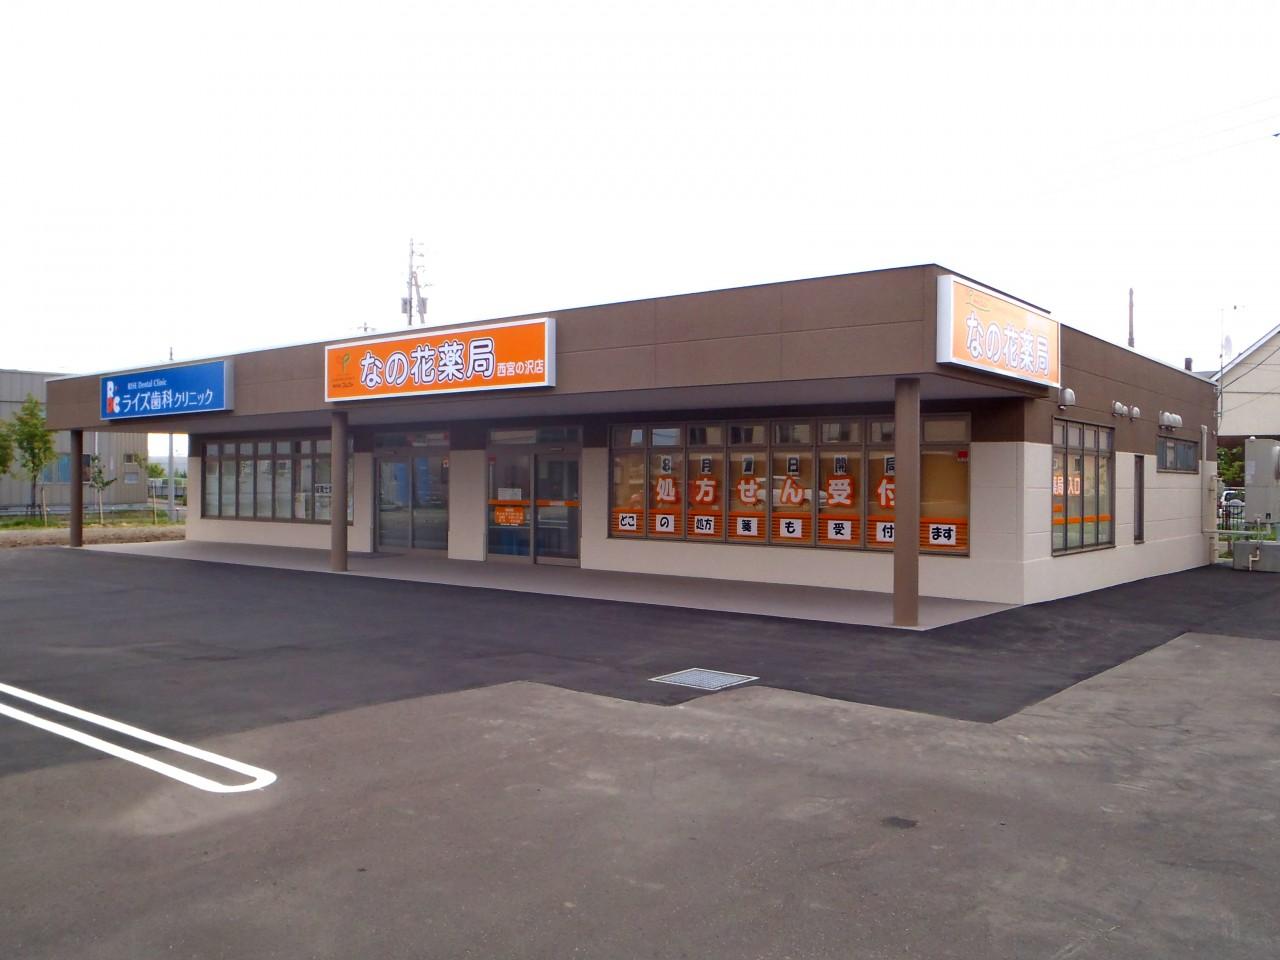 なの花薬局 / 2012